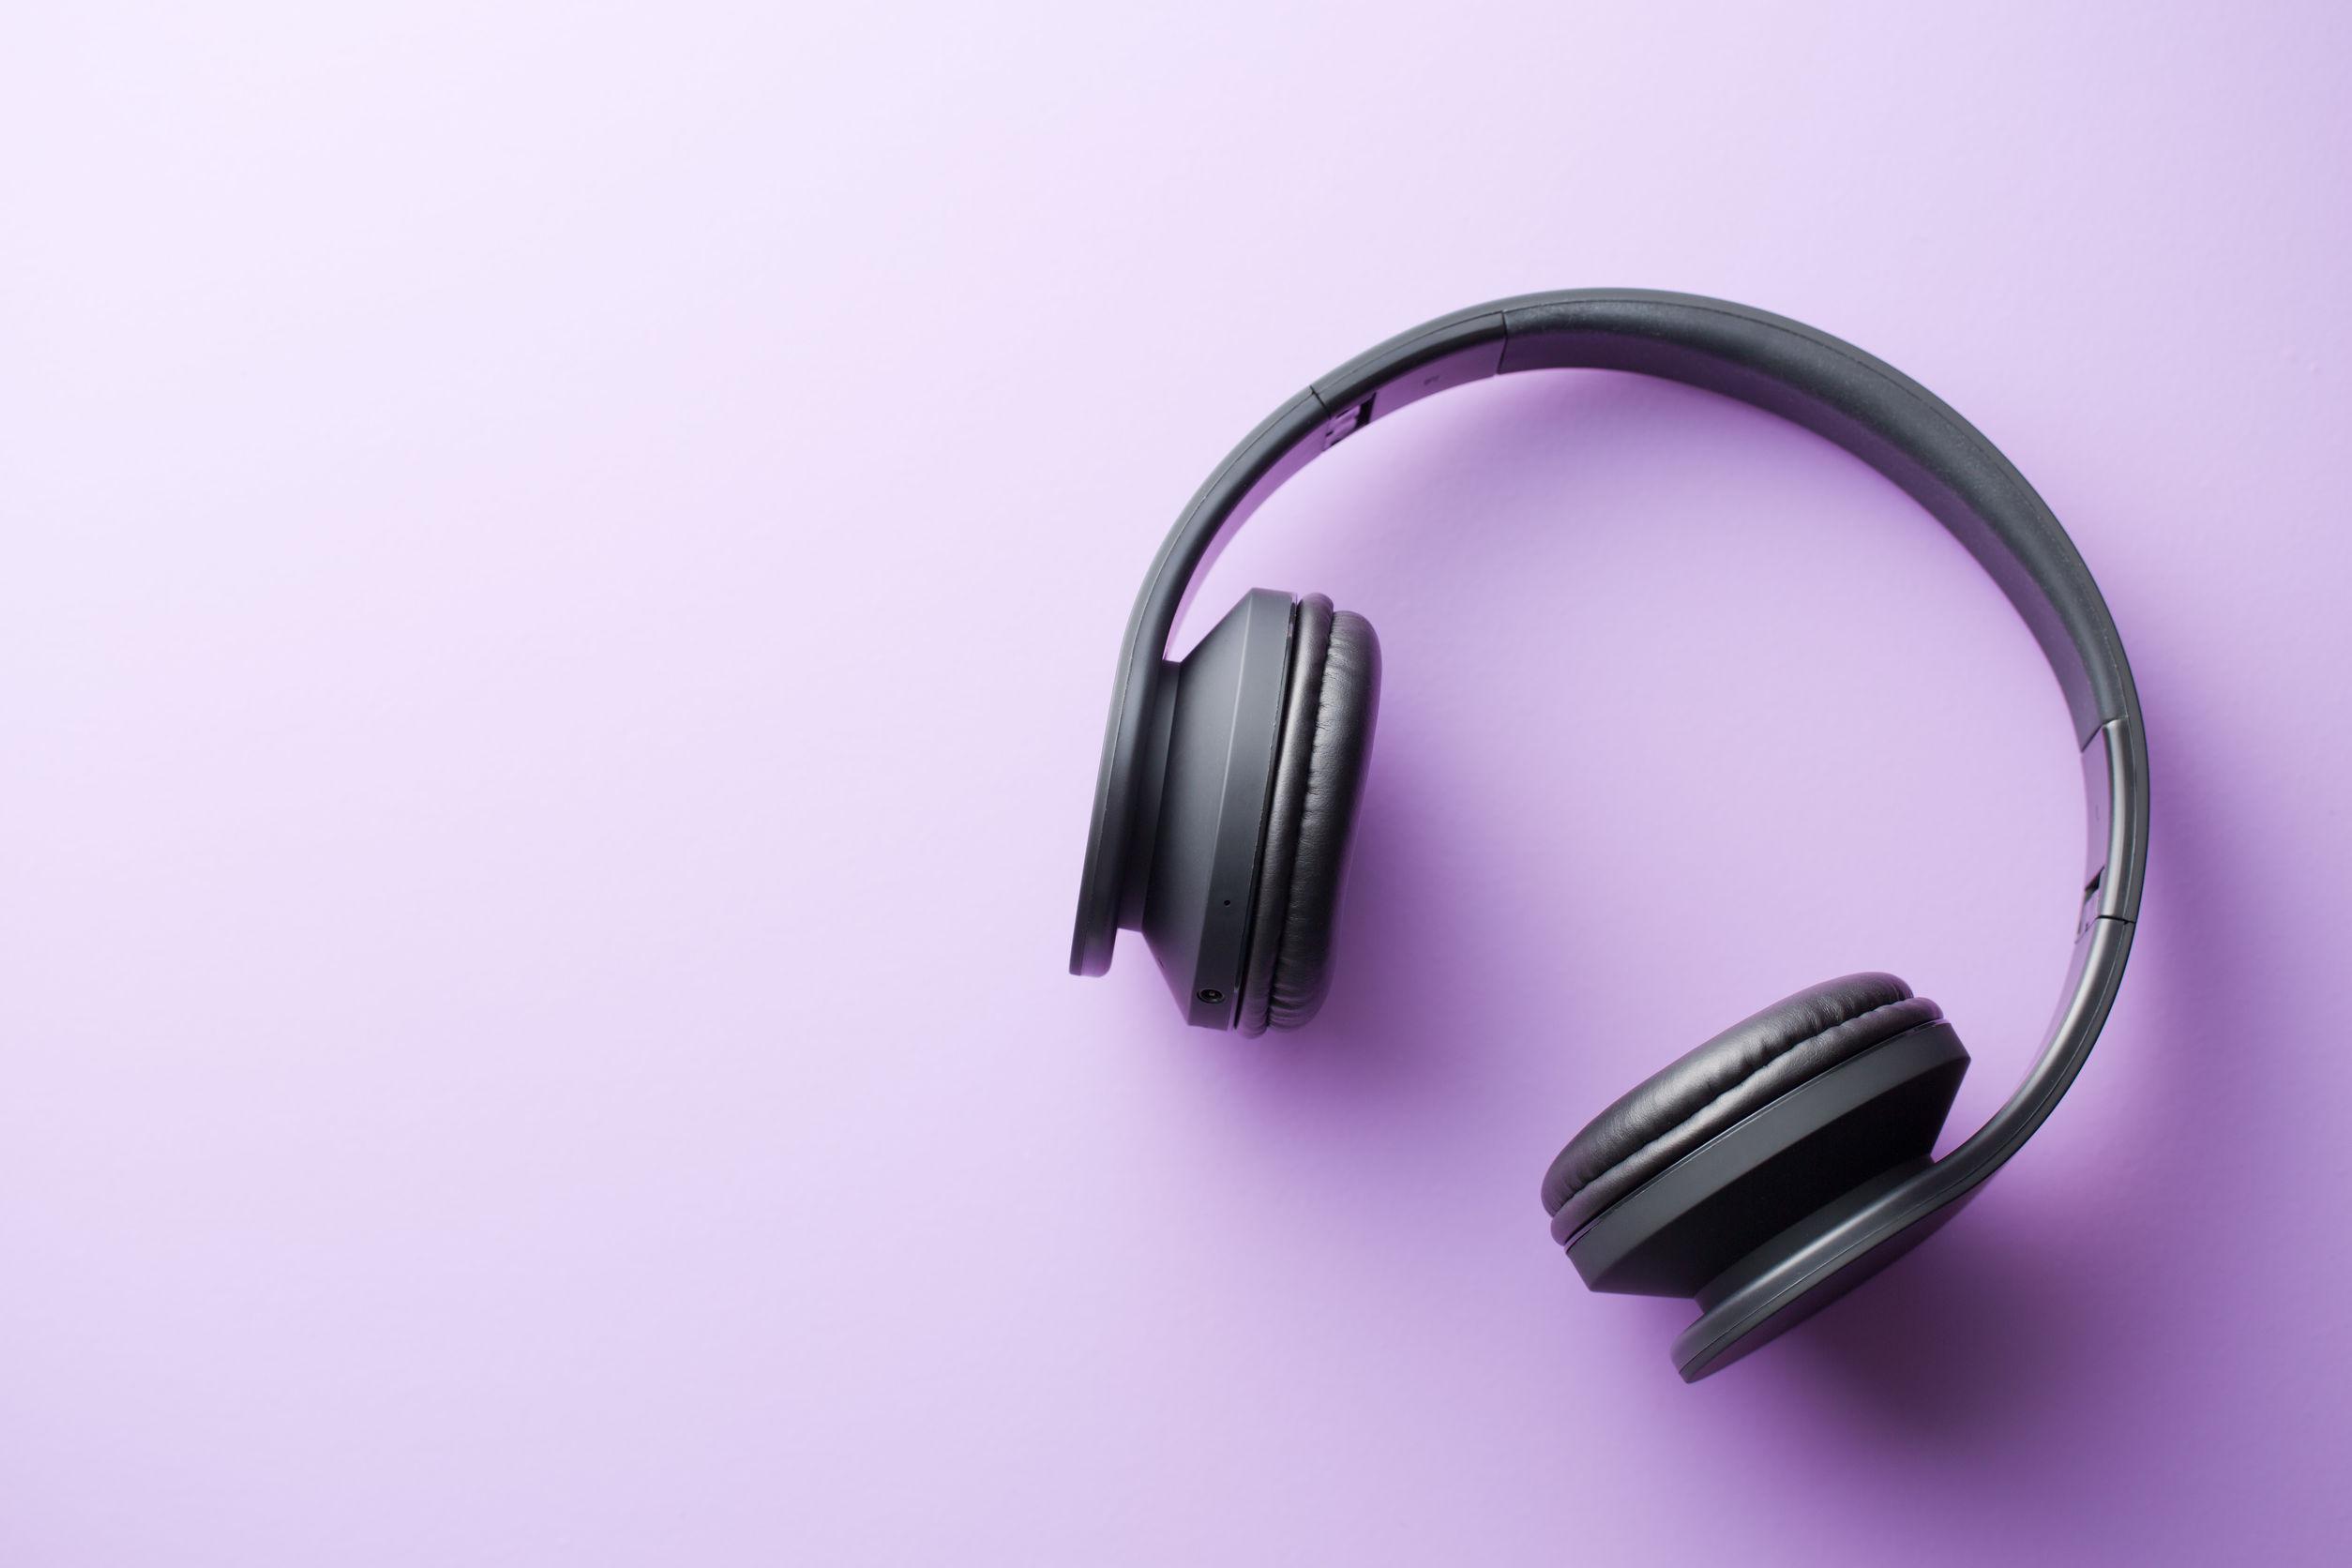 Draadloze koptelefoon: Wat zijn de beste draadloze koptelefoons van 2020?